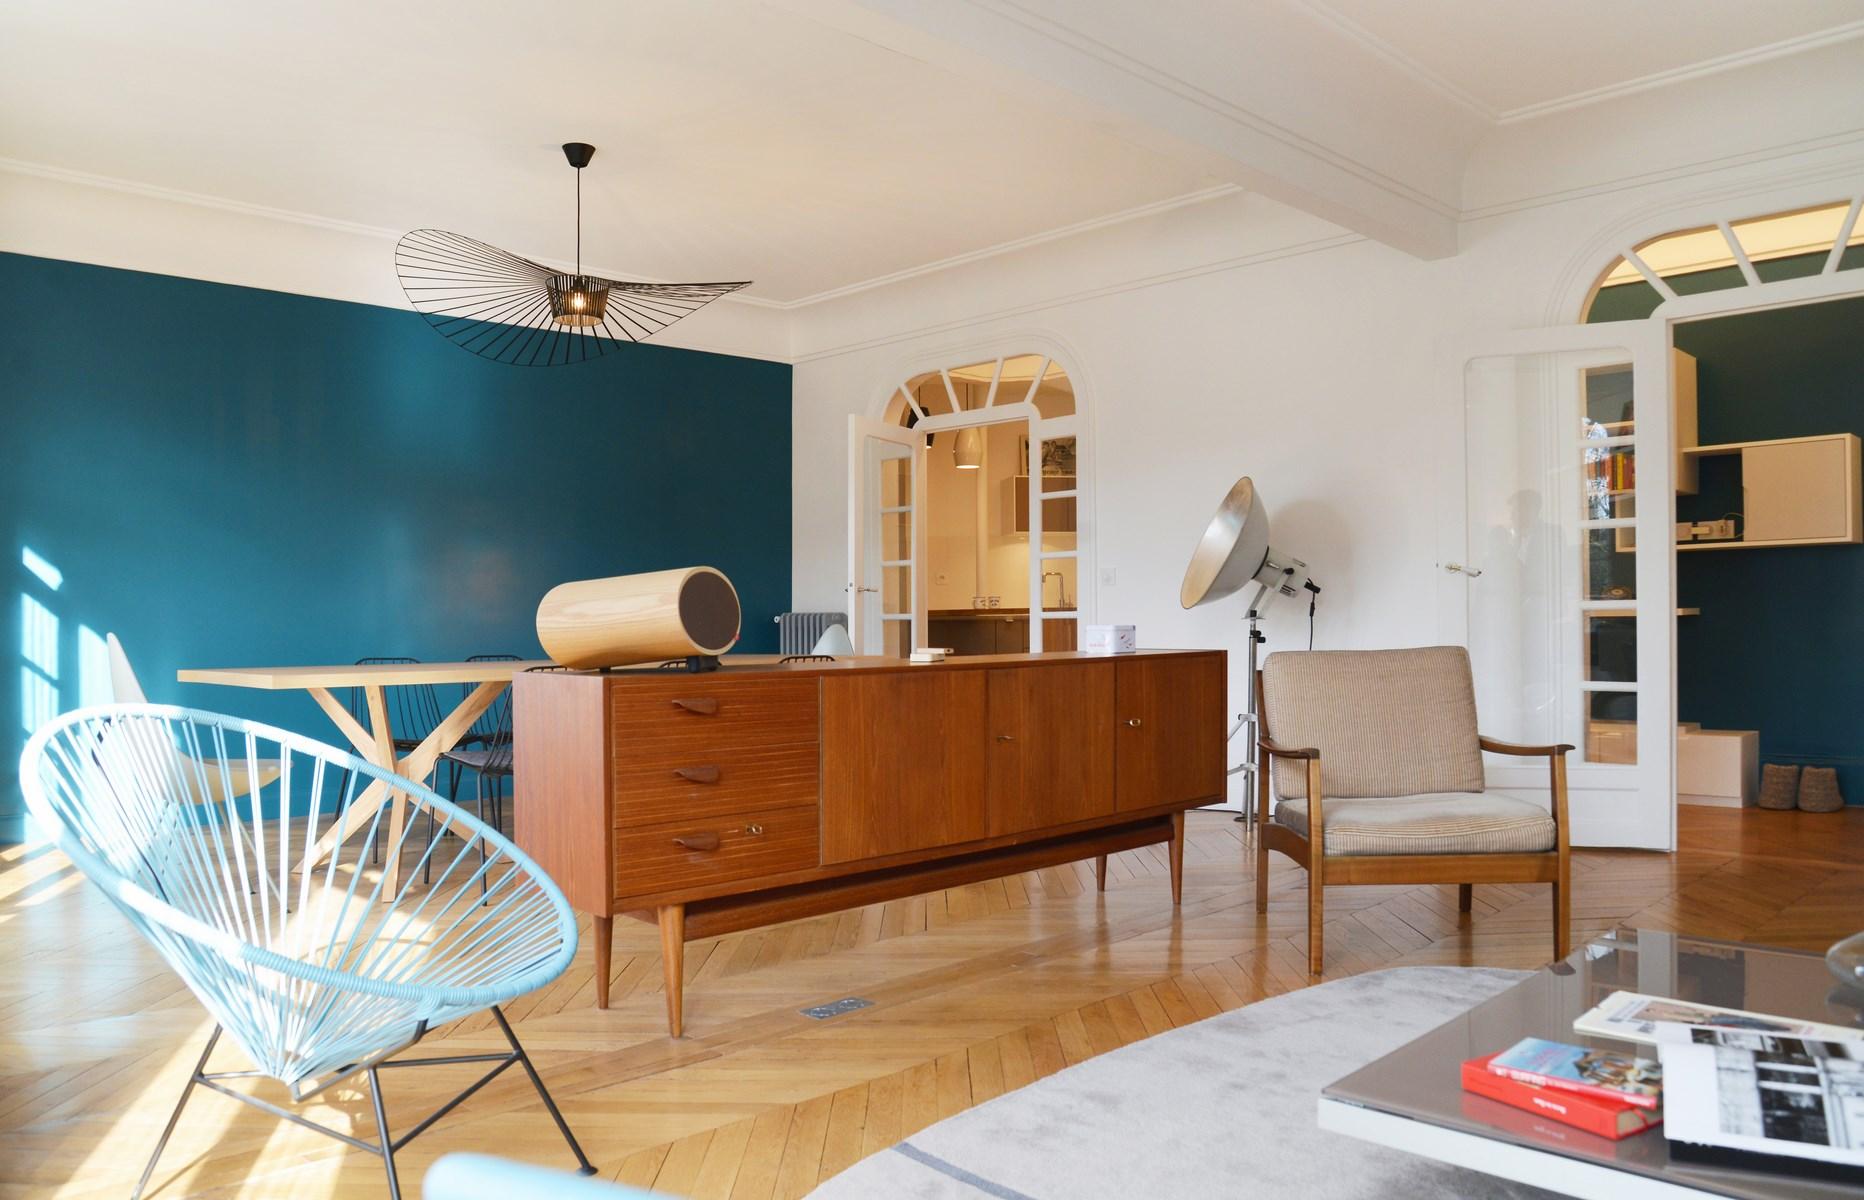 Cuisine Bleu Canard : Design nordique double séjour art déco